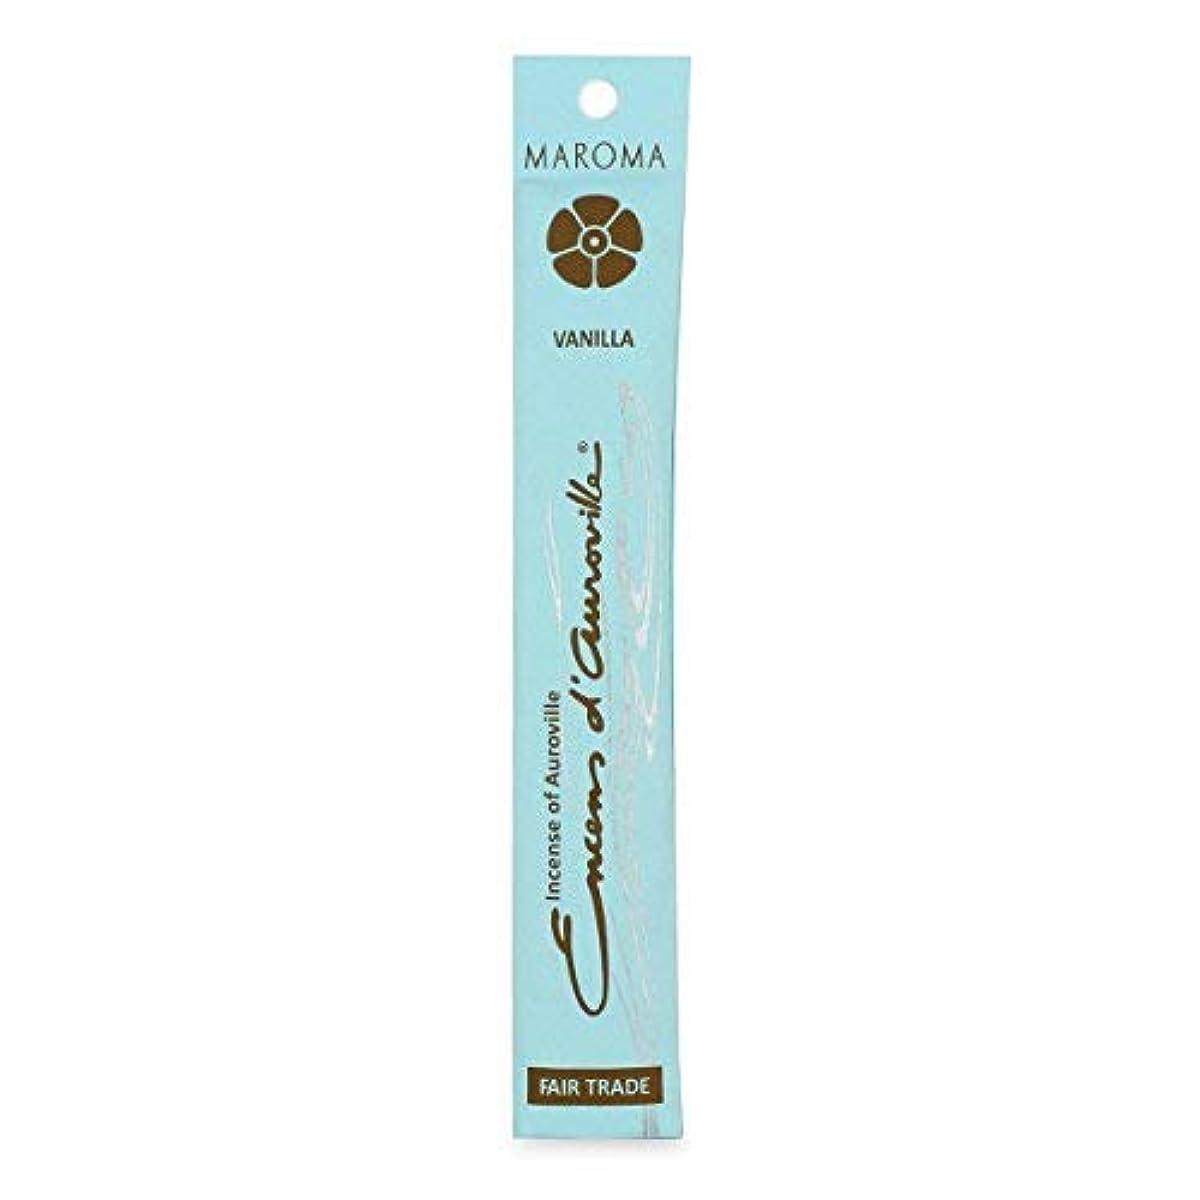 Maroma Vanilla Incense 10 sticks [並行輸入品]